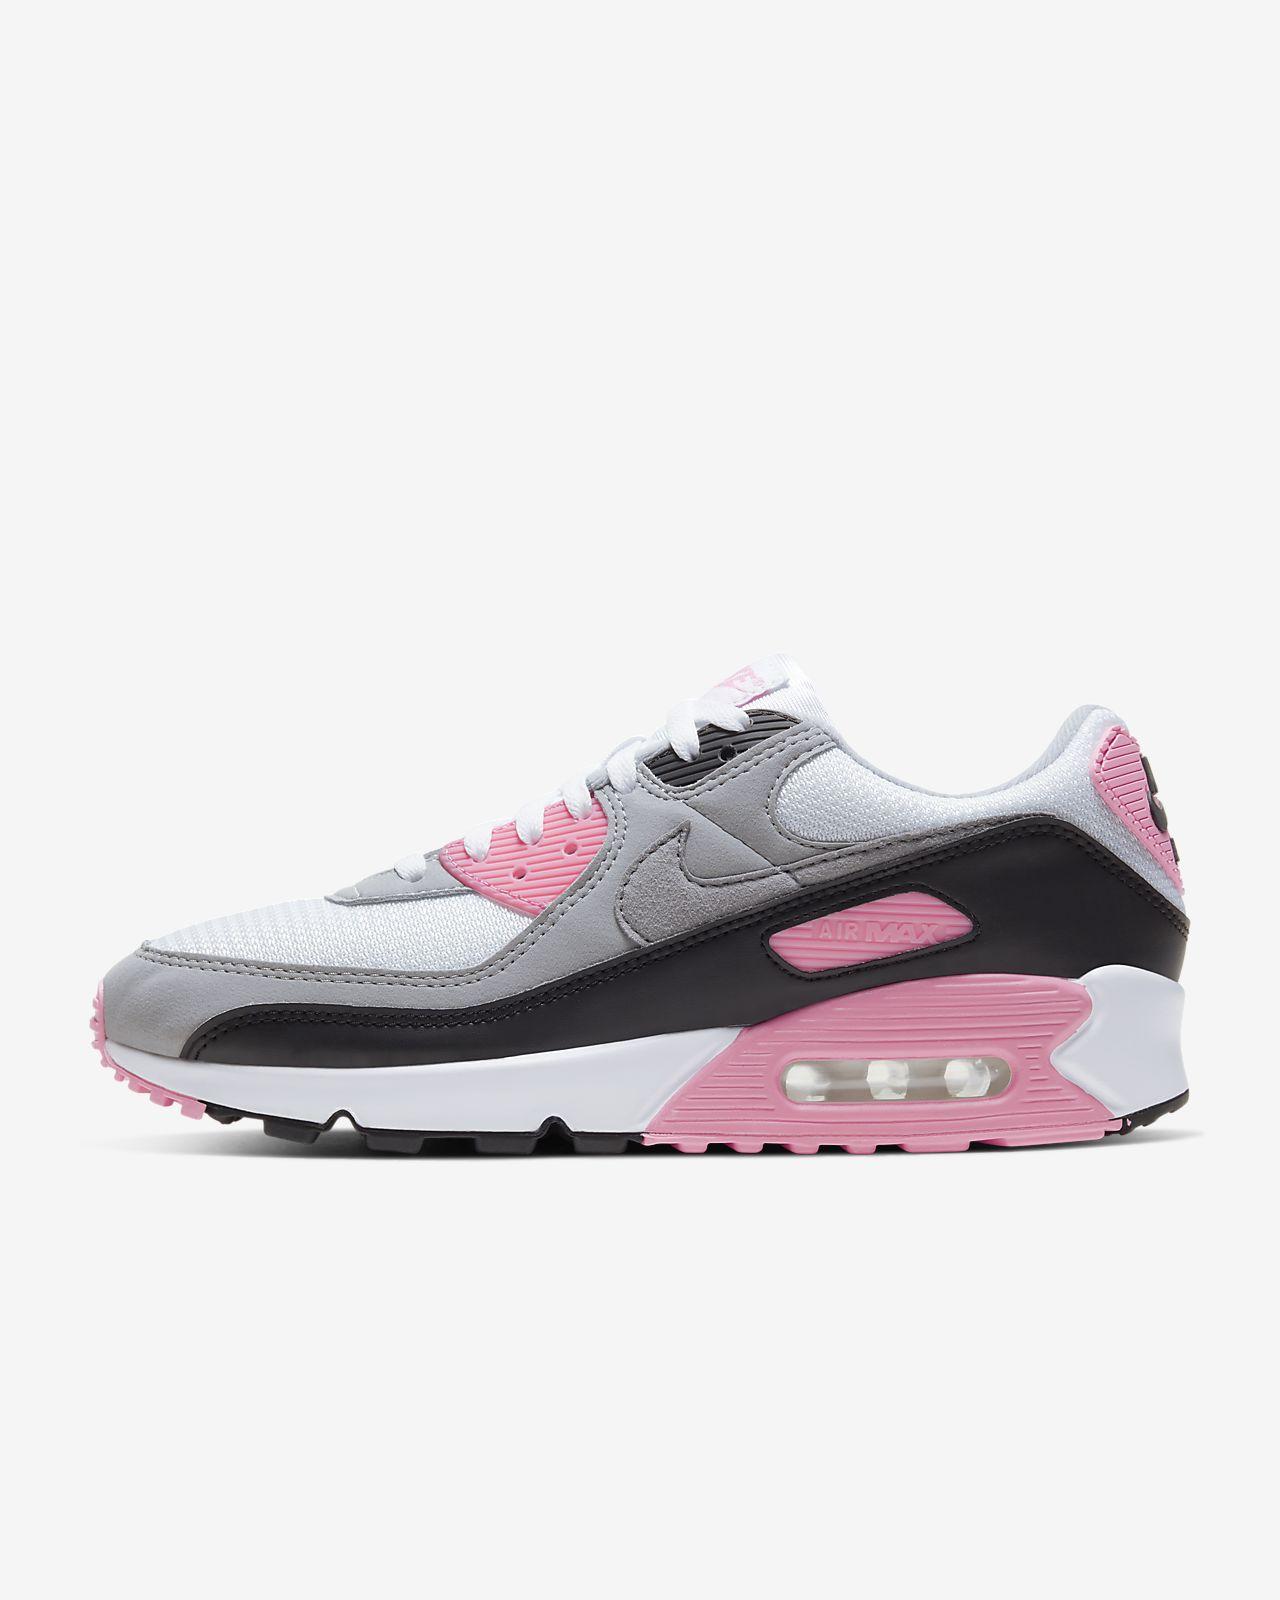 svart hvit rosa nike air max 90